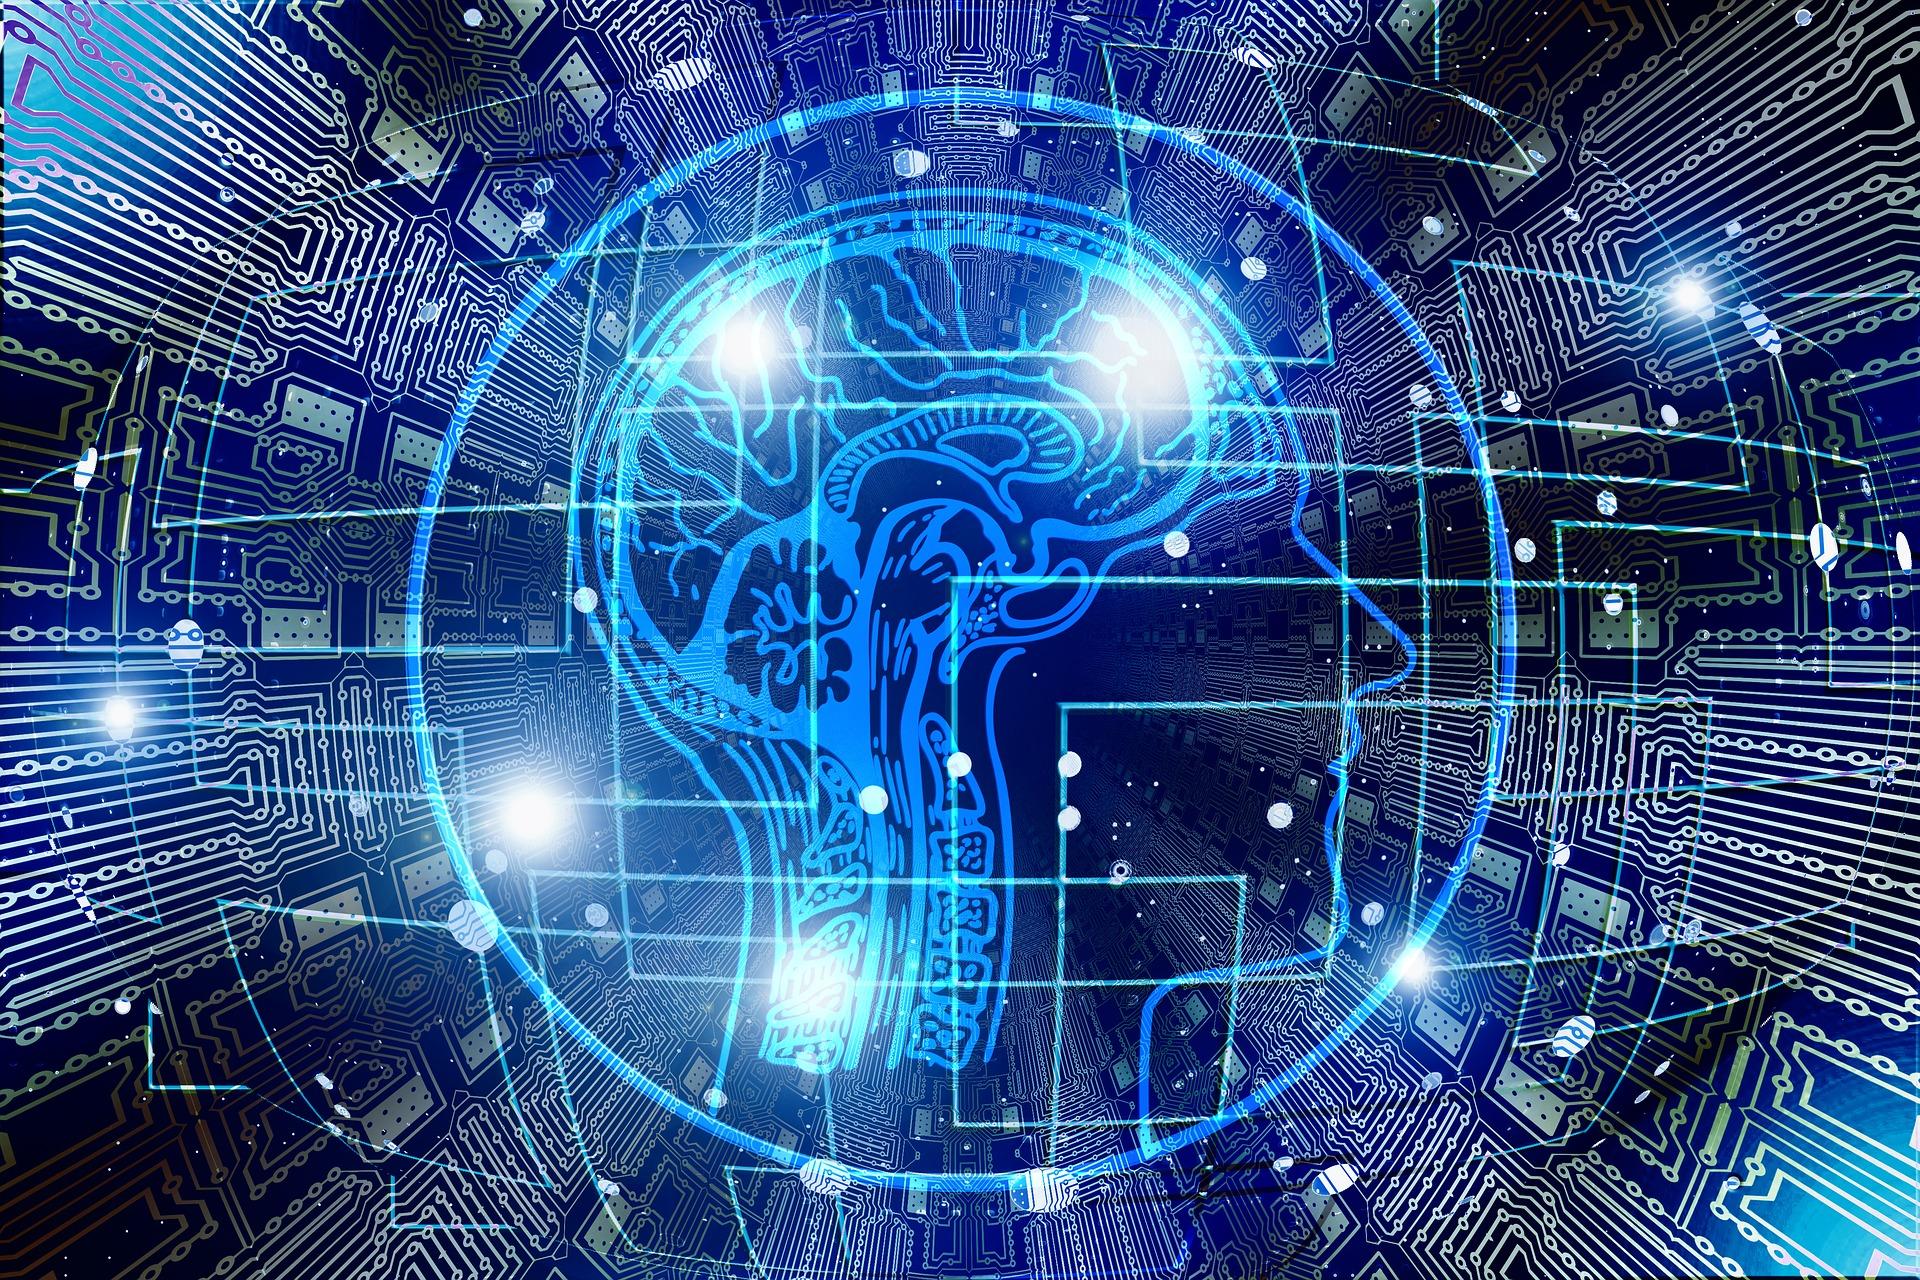 Künstliche Intelligenz Radionik Bioresonanz